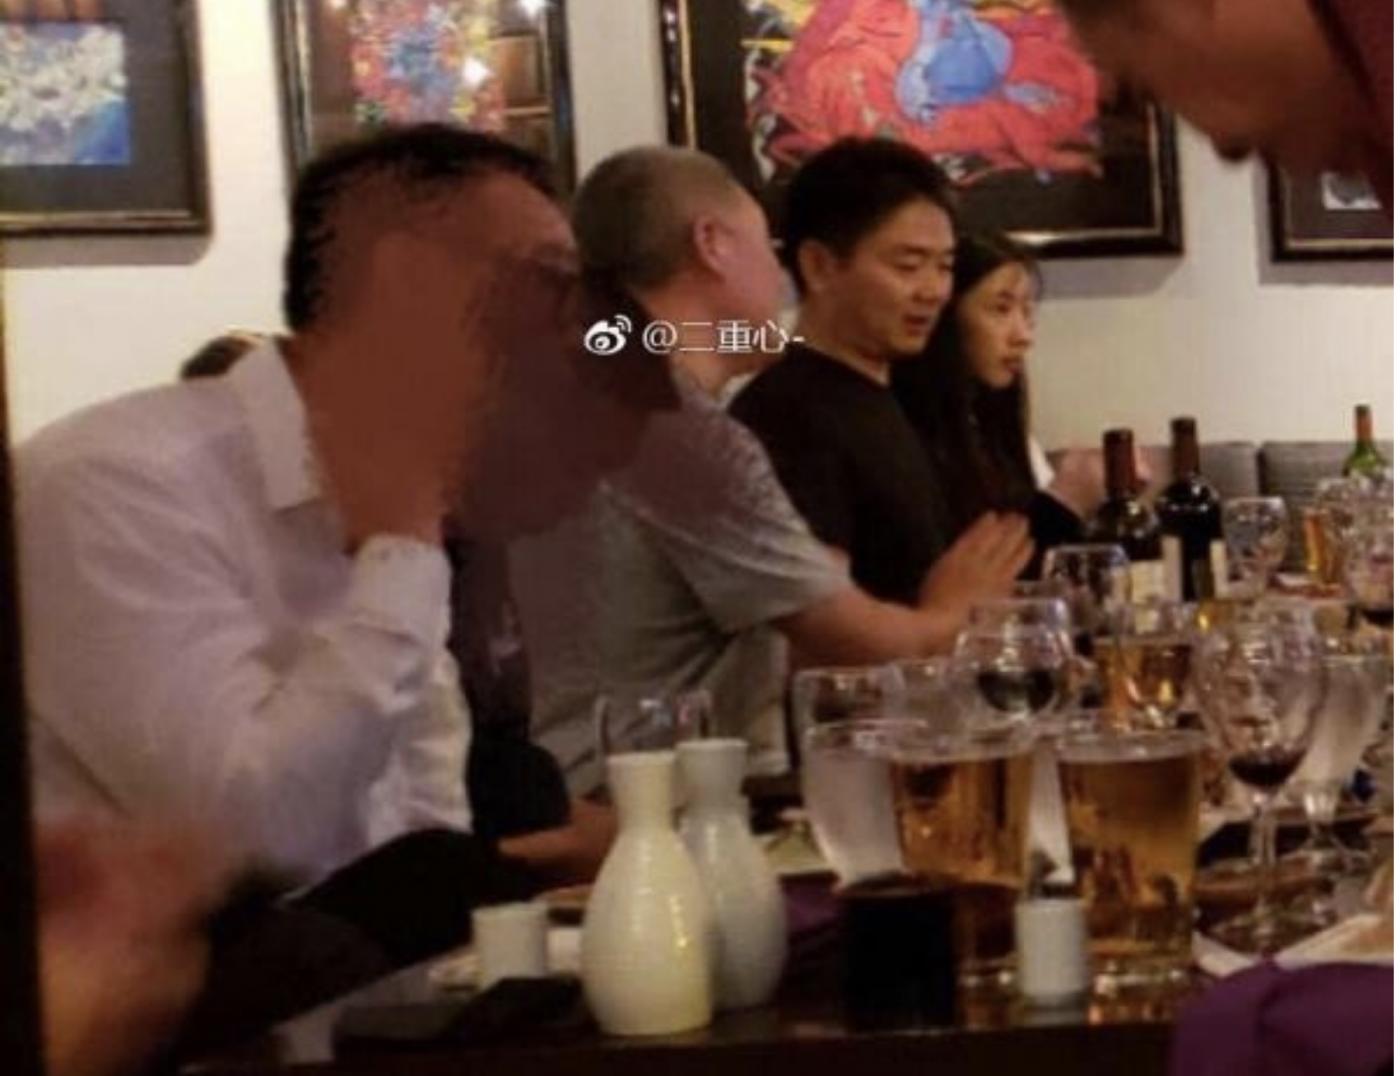 刘强东涉嫌强奸案最新细节浮出水面_图1-1